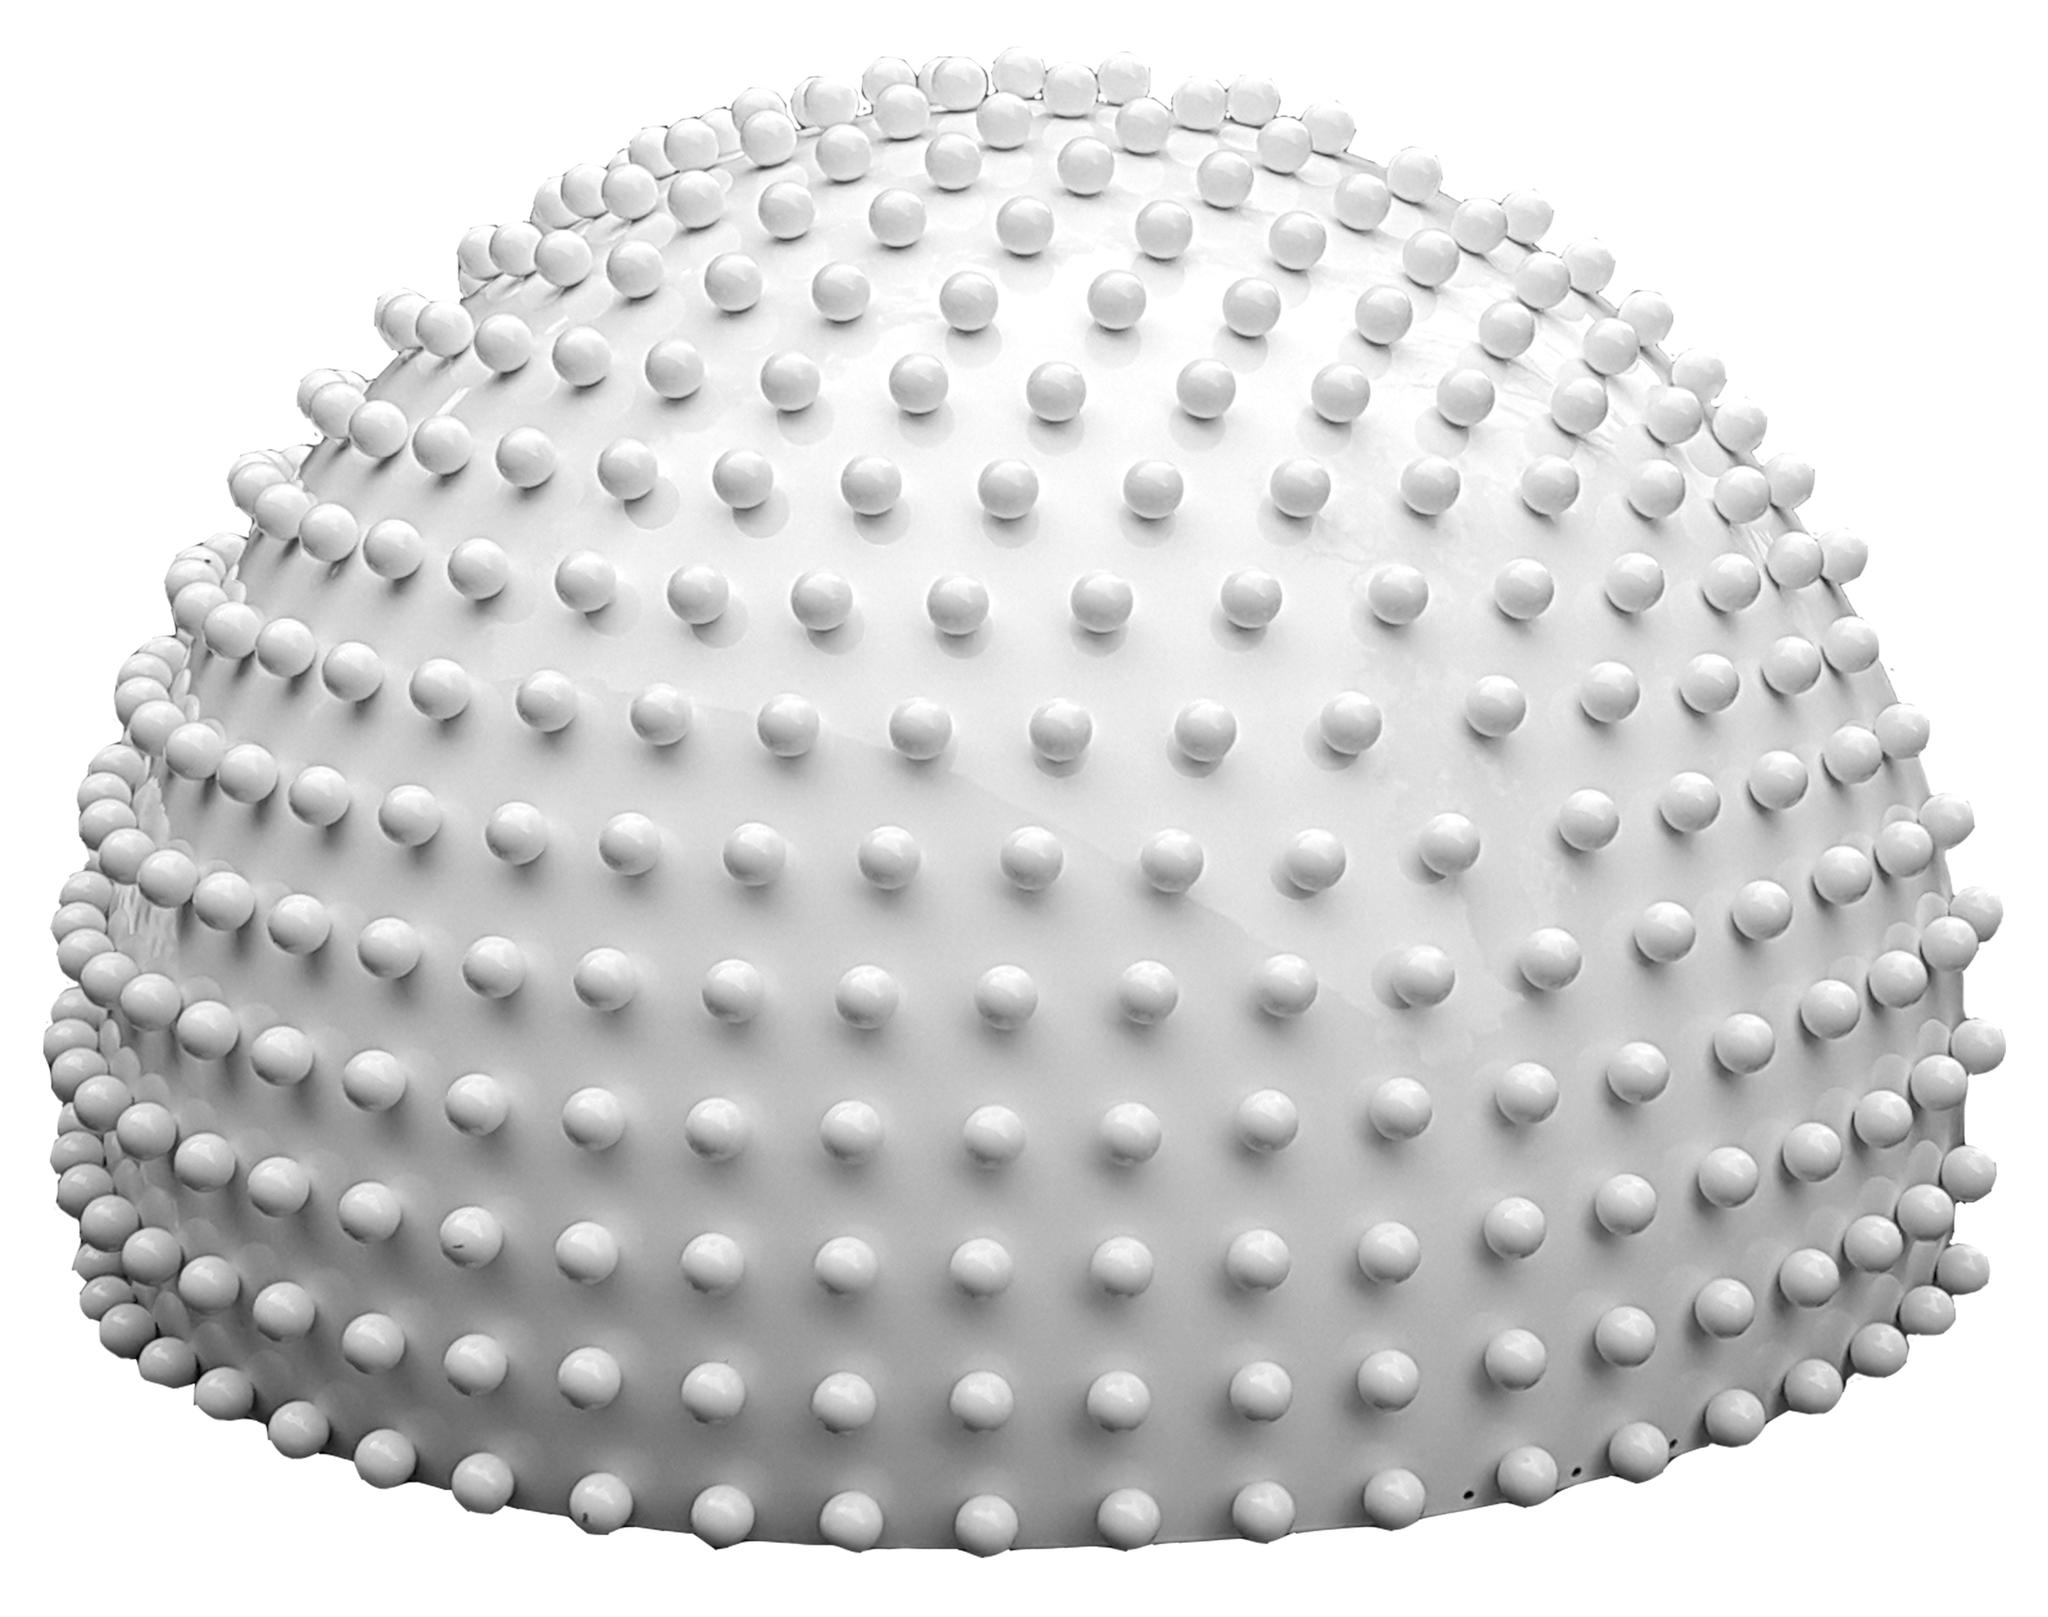 Semisphere, white, matt, with small spheres, Ø = 0,06m